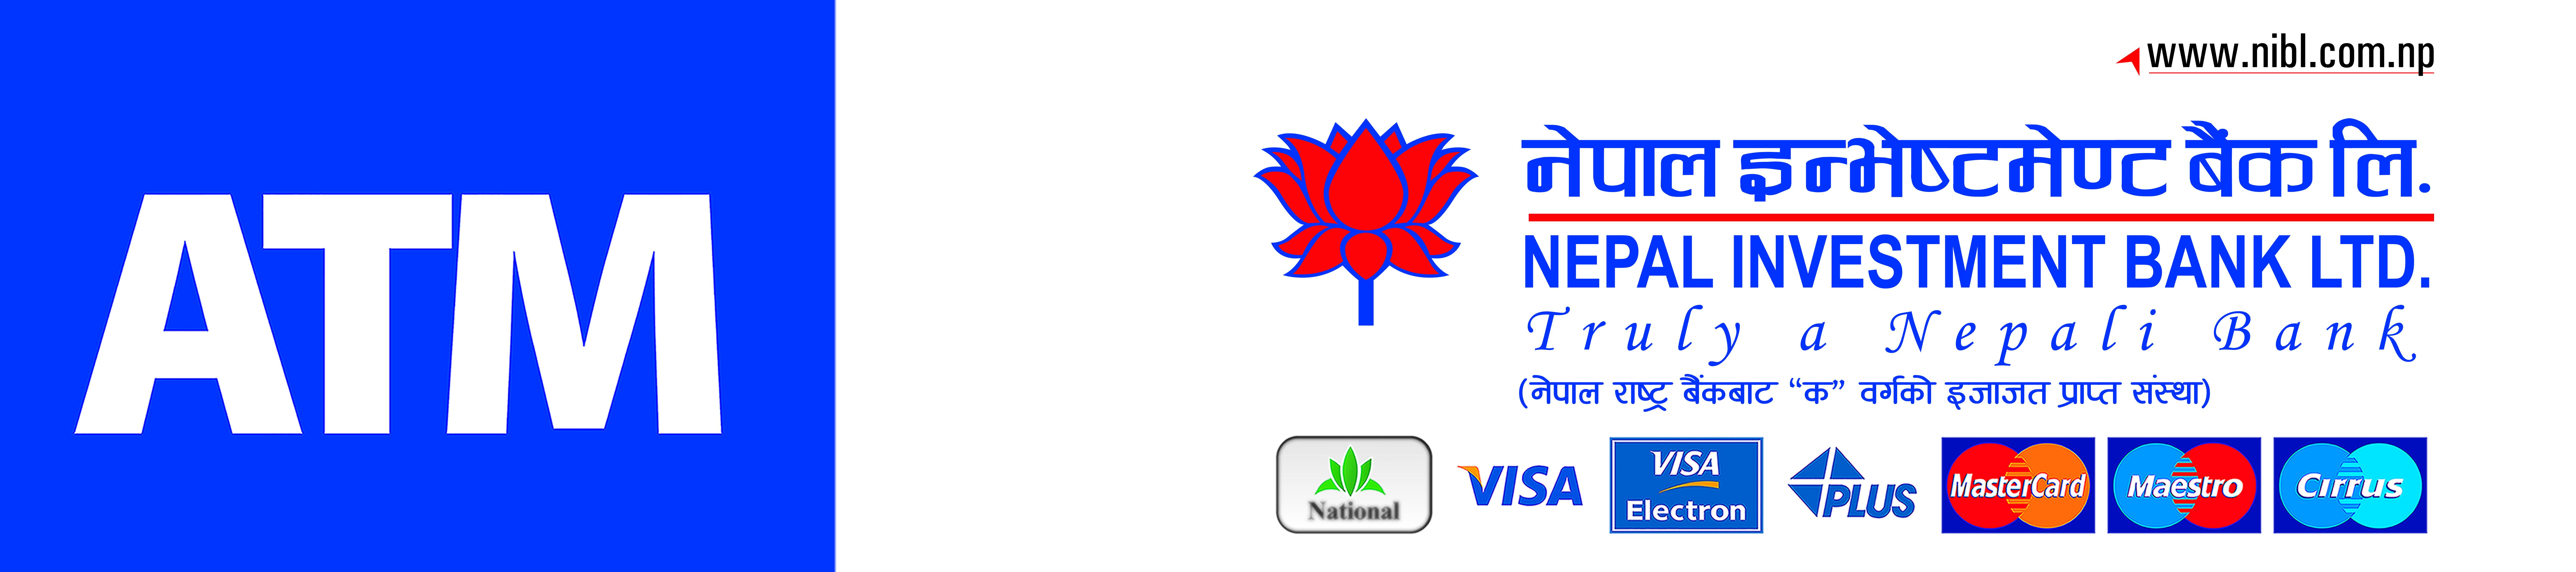 नेपाल इन्भेष्टमेण्ट बैंकद्वारा ६ स्थानमा एटीएम सेवा शुरू